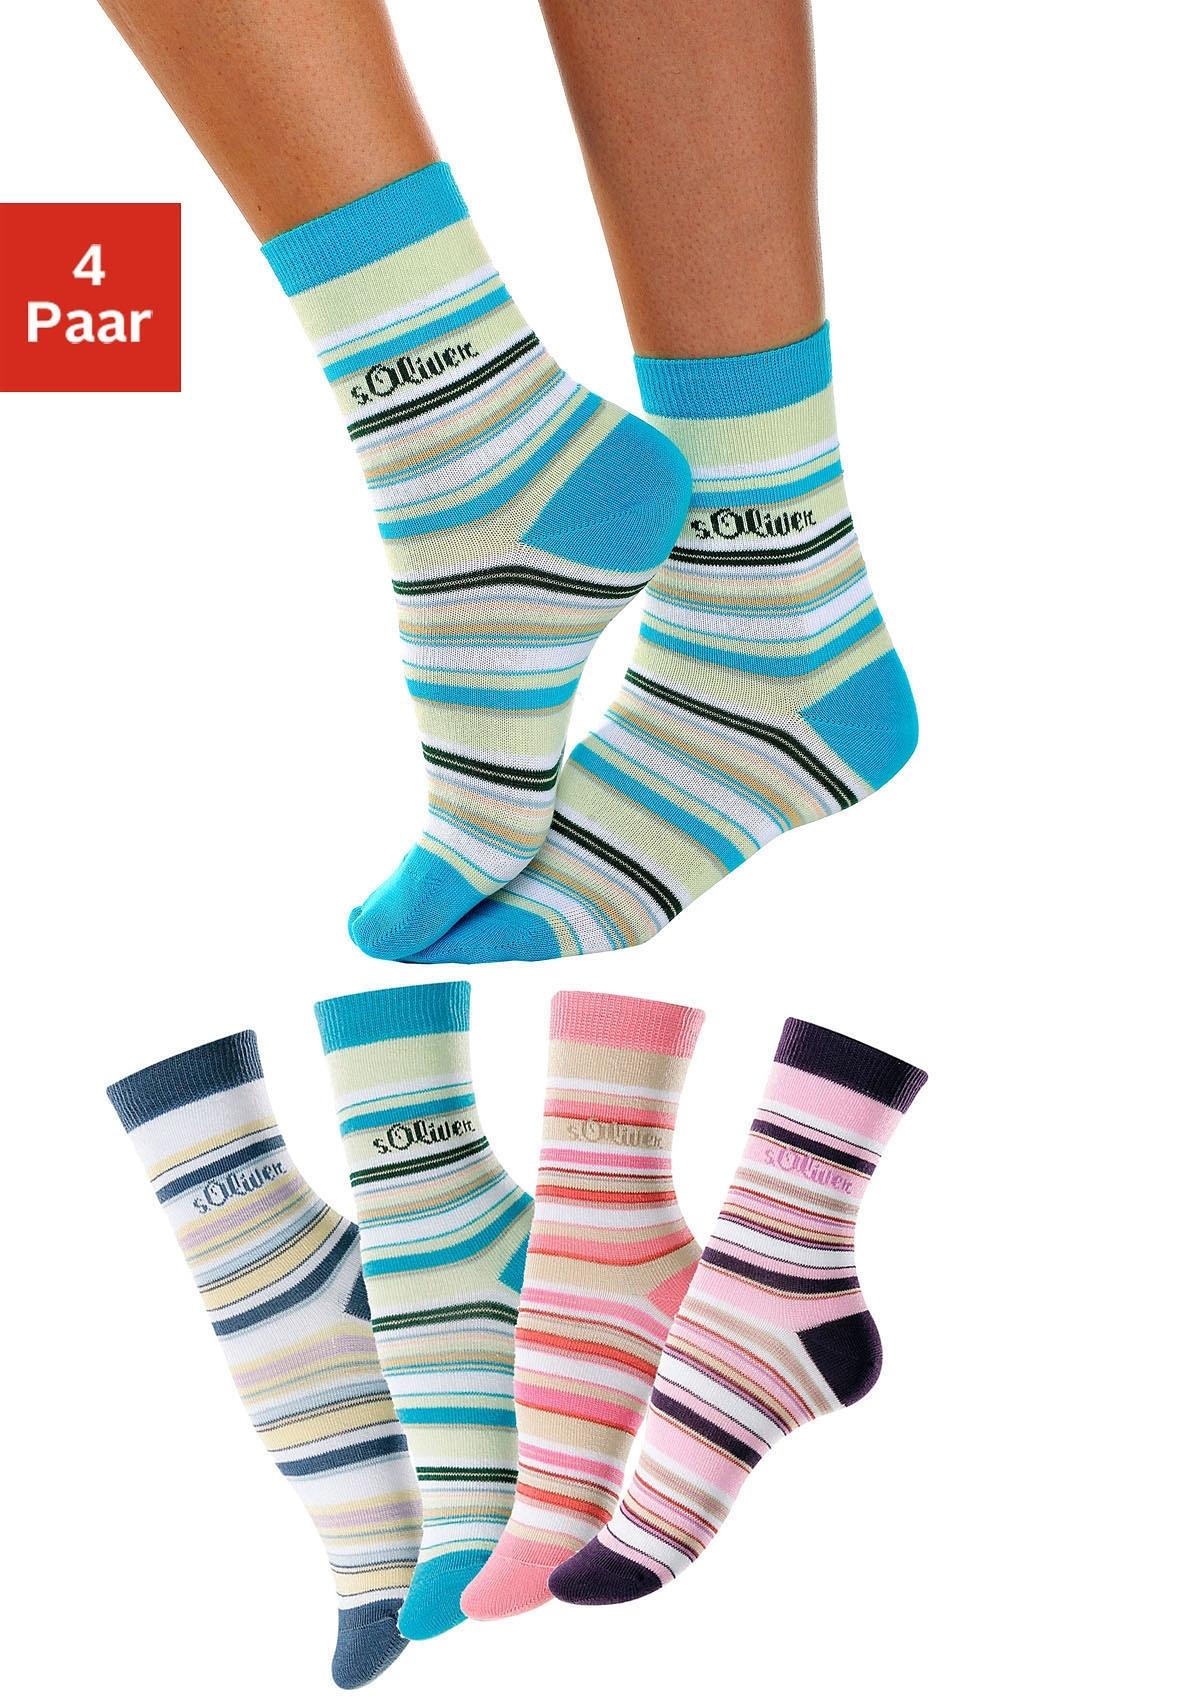 s.Oliver RED LABEL Gestreepte sokken, set van 4 paar veilig op otto.nl kopen